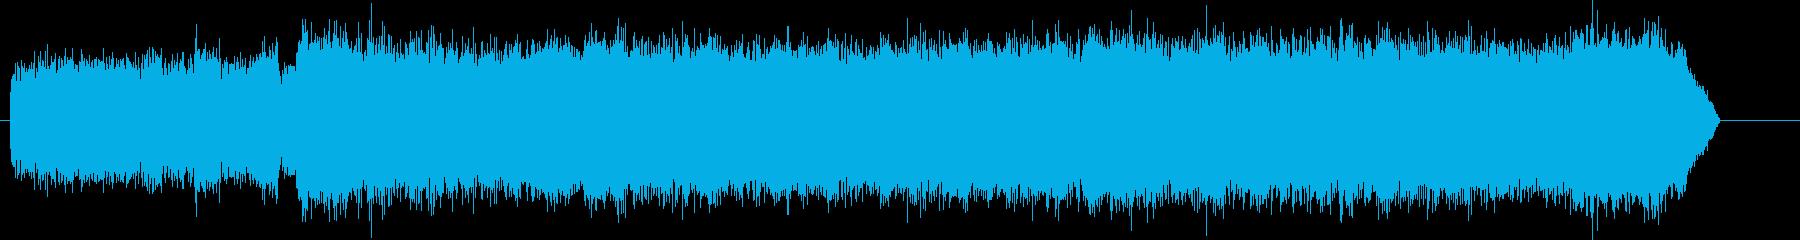 高圧エアホース;高圧ホース;バック...の再生済みの波形